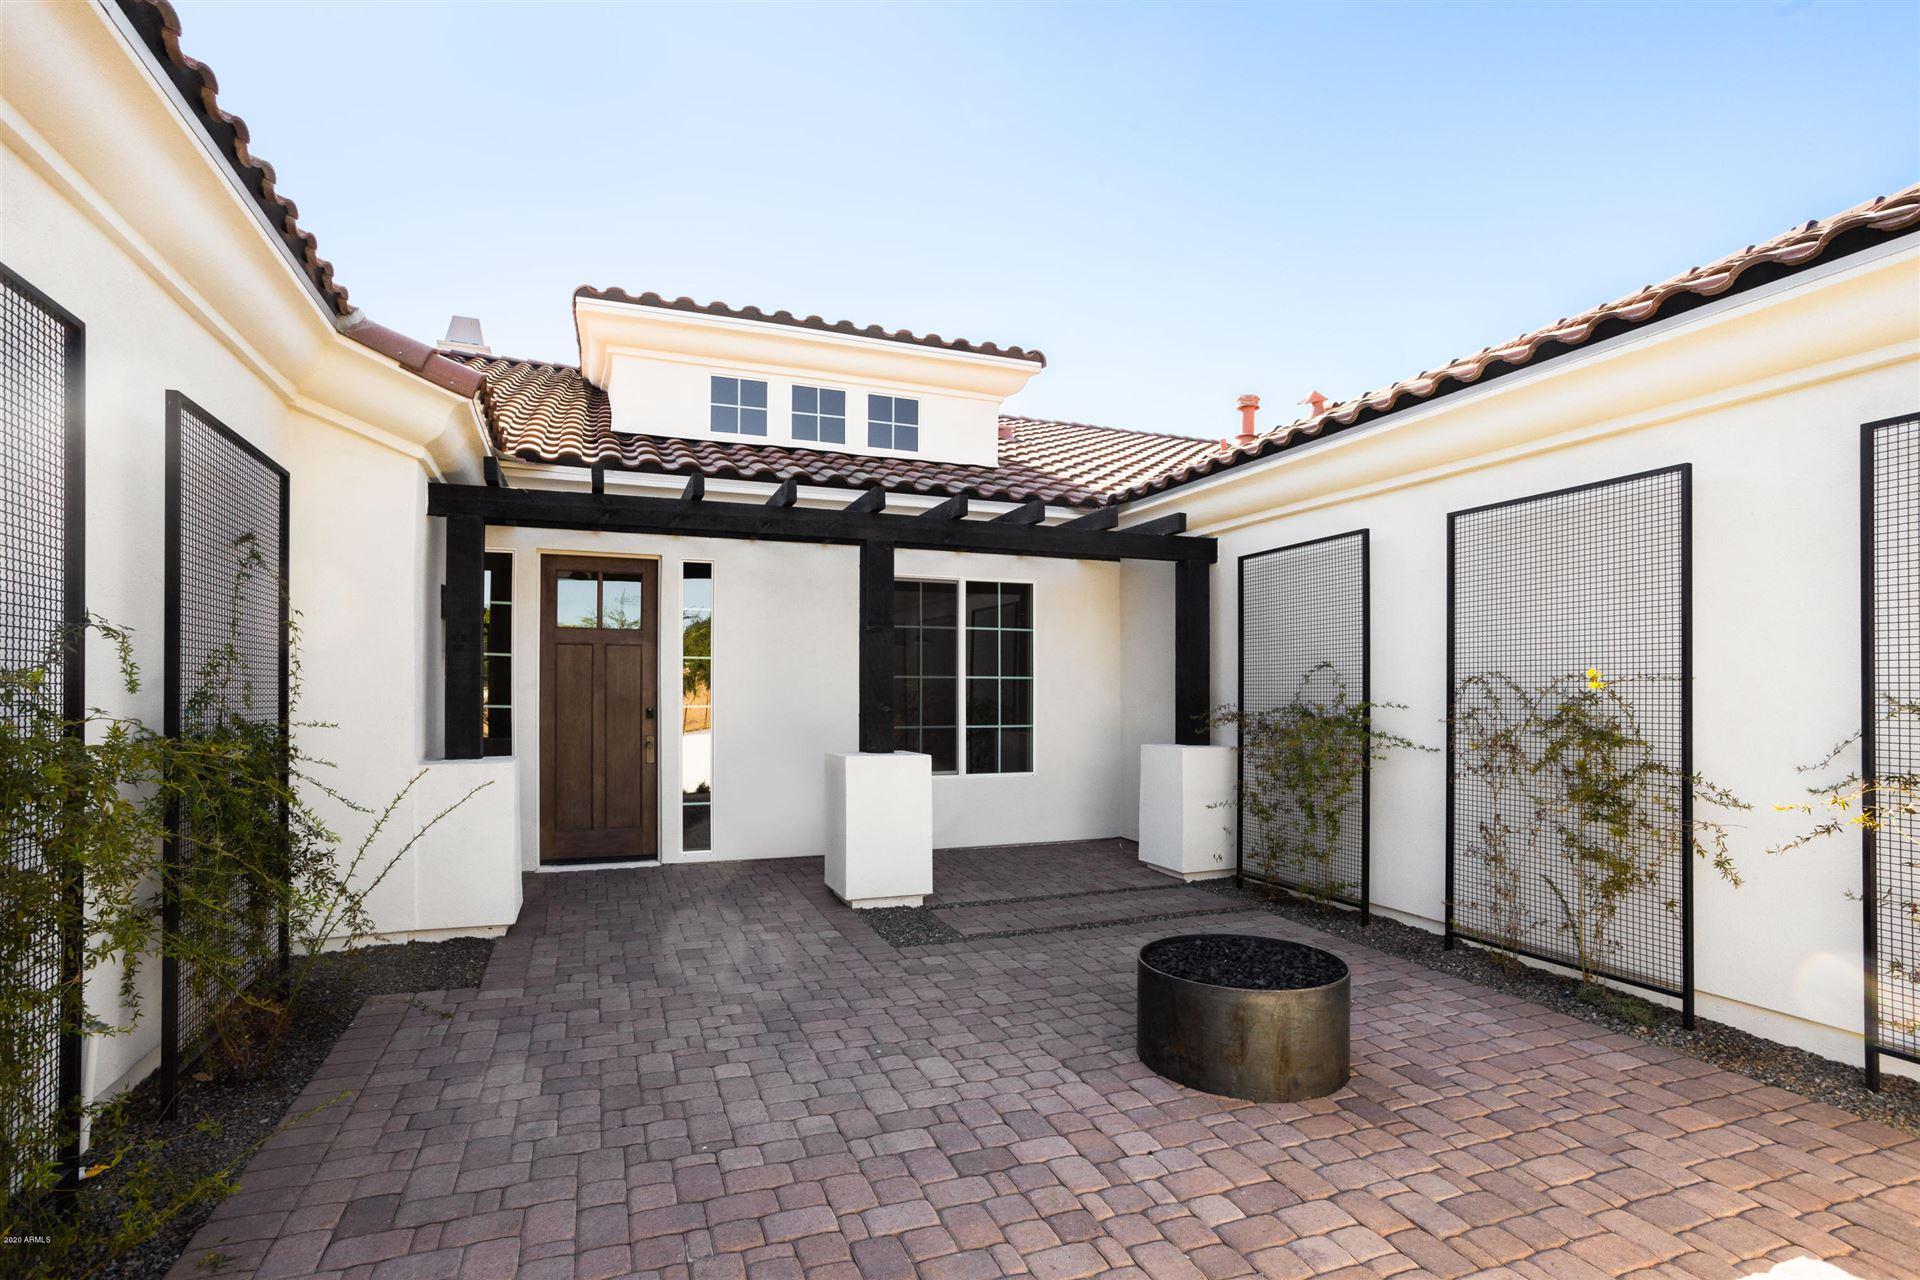 8420 N DILLER GROVE Lane, Phoenix, AZ 85021 - MLS#: 6117171